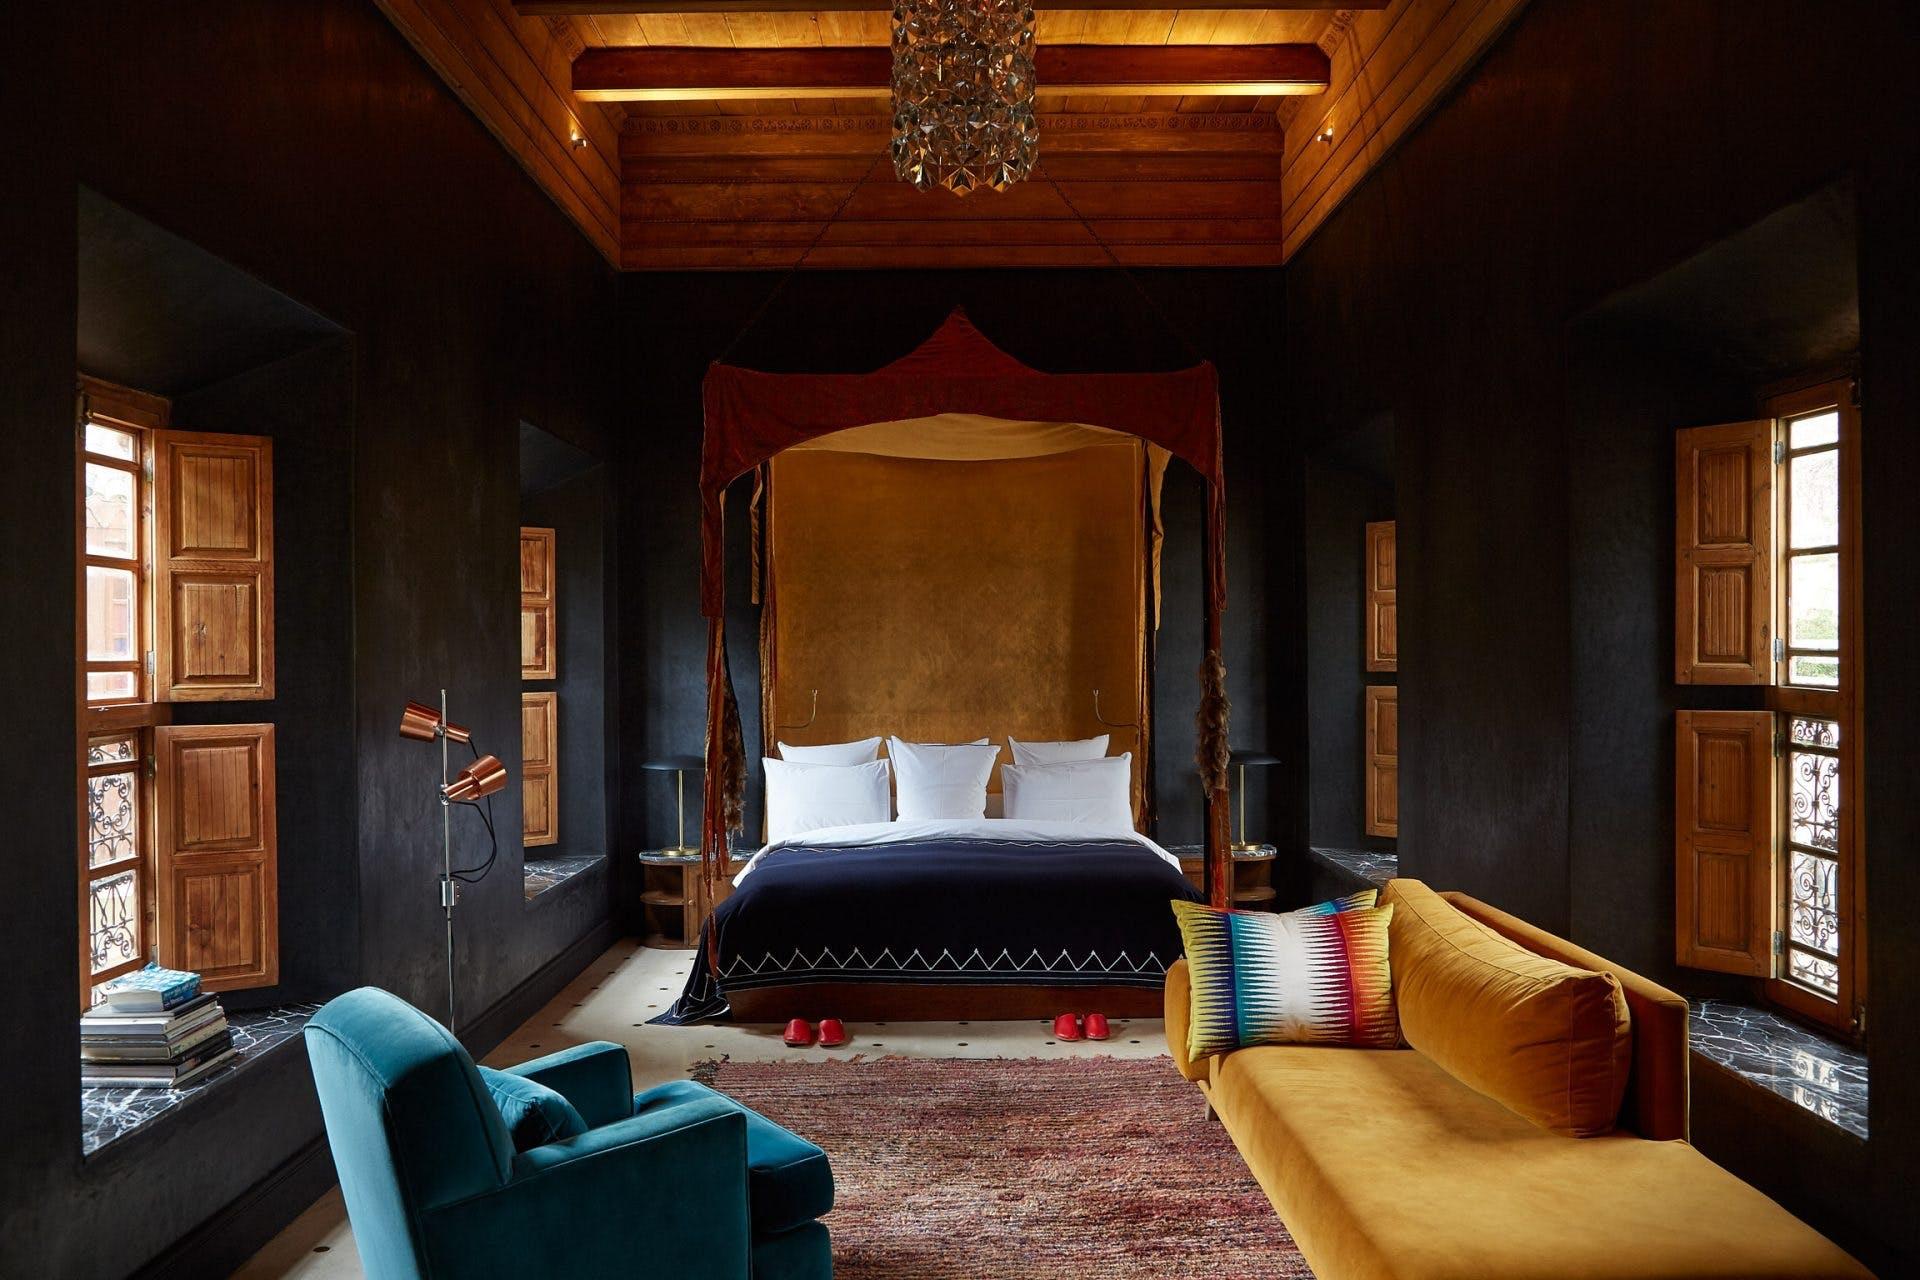 soveværelse daybed marokkansk sengetæppe